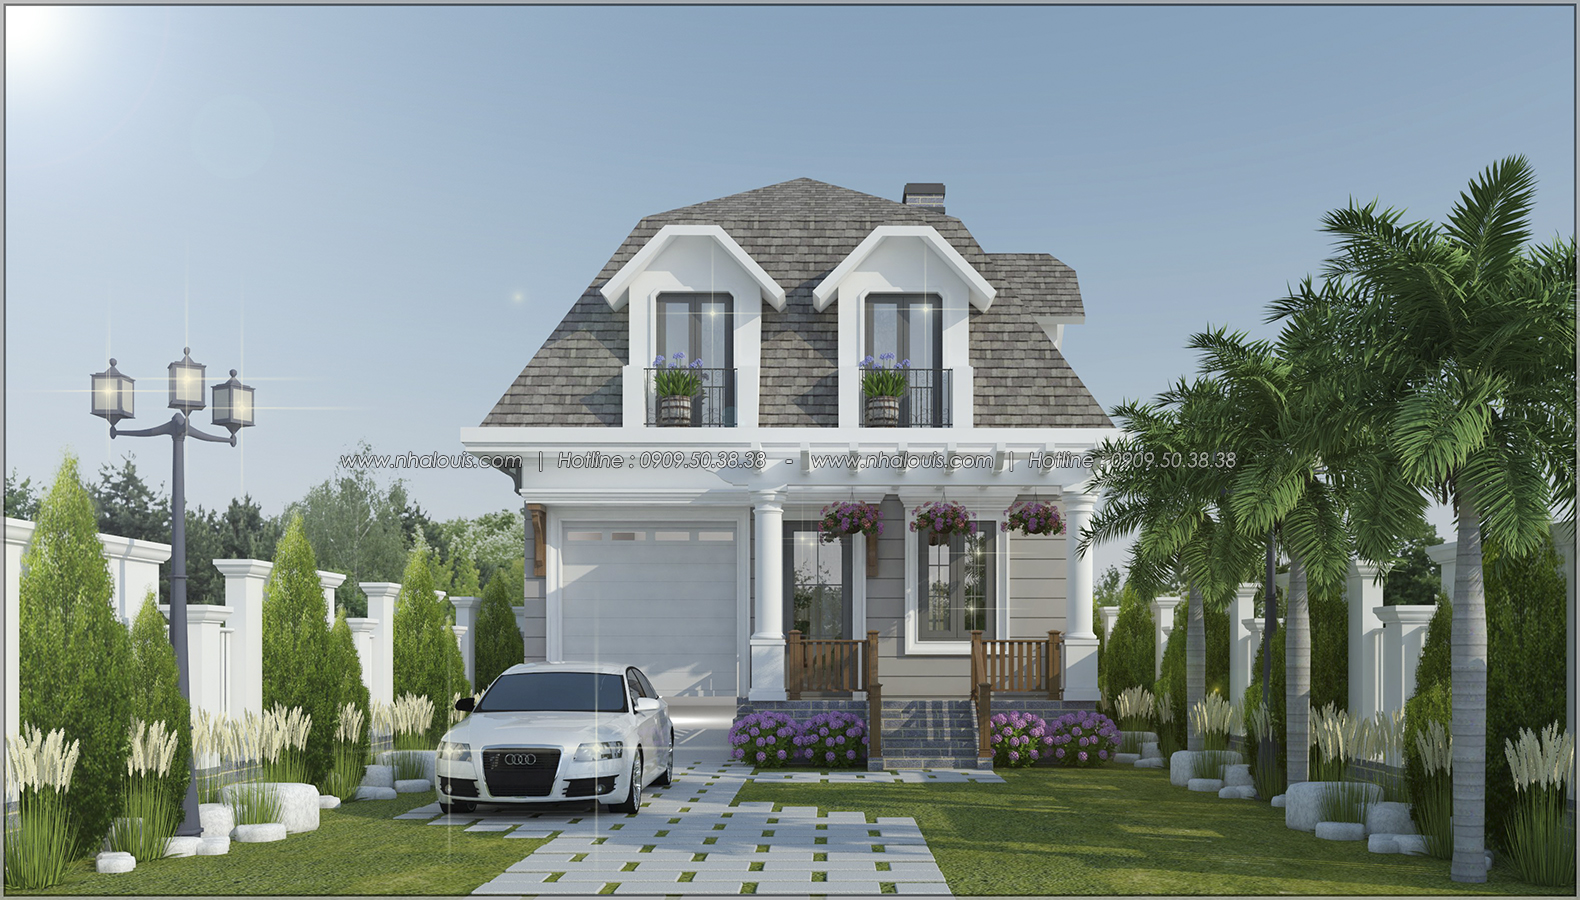 Thiết kế nội thất biệt thự đẹp tạo nên không gian sống hoàn mỹ - 01